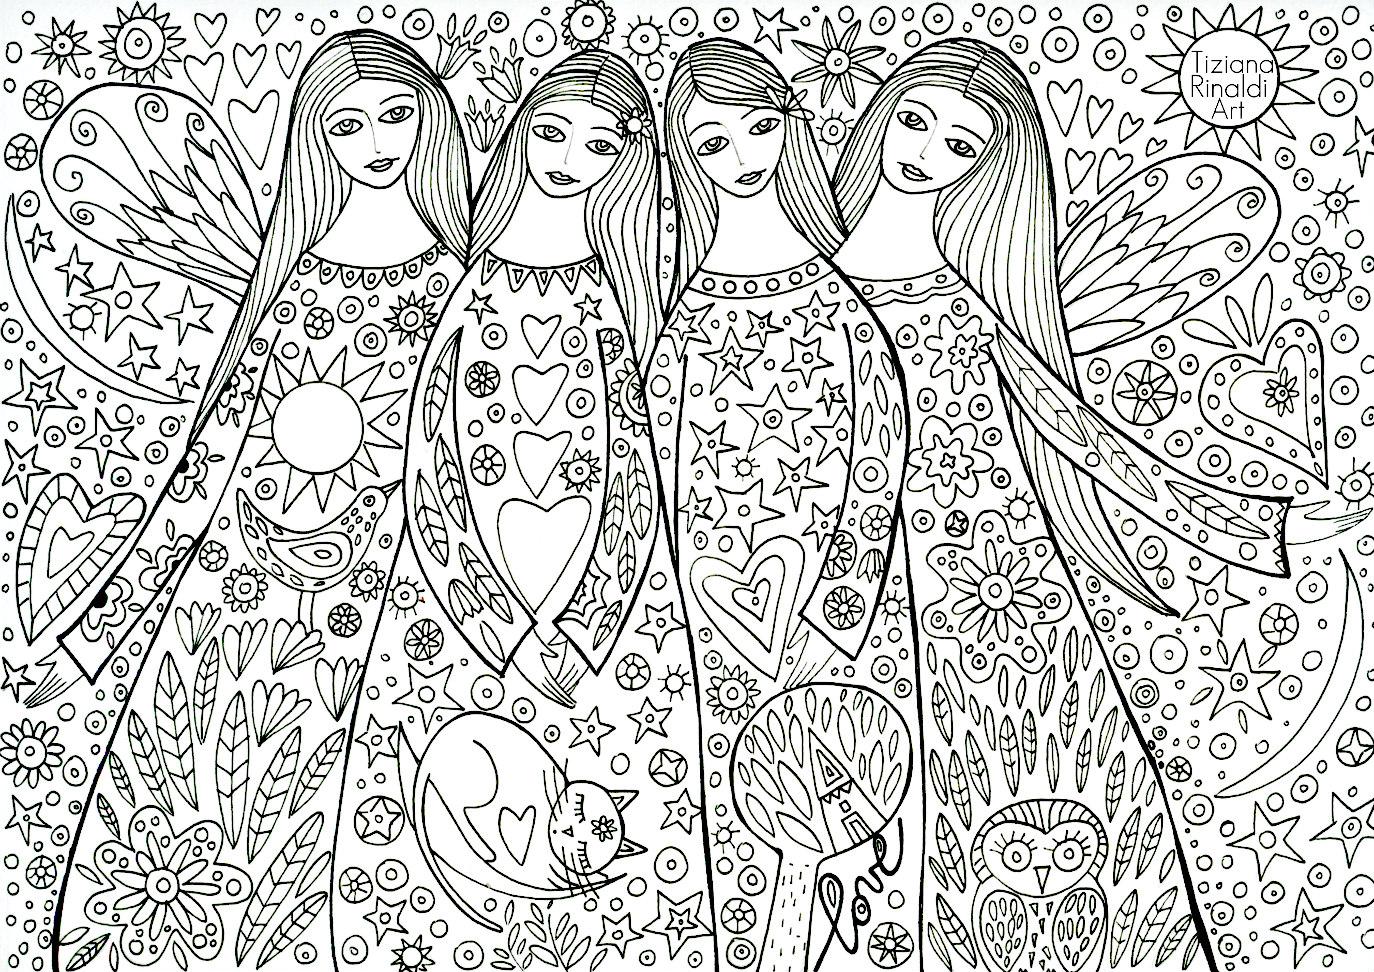 Tiziana rinaldi art 767 sister 39 s love un 39 immagine da - Immagini da colorare durante l estate ...